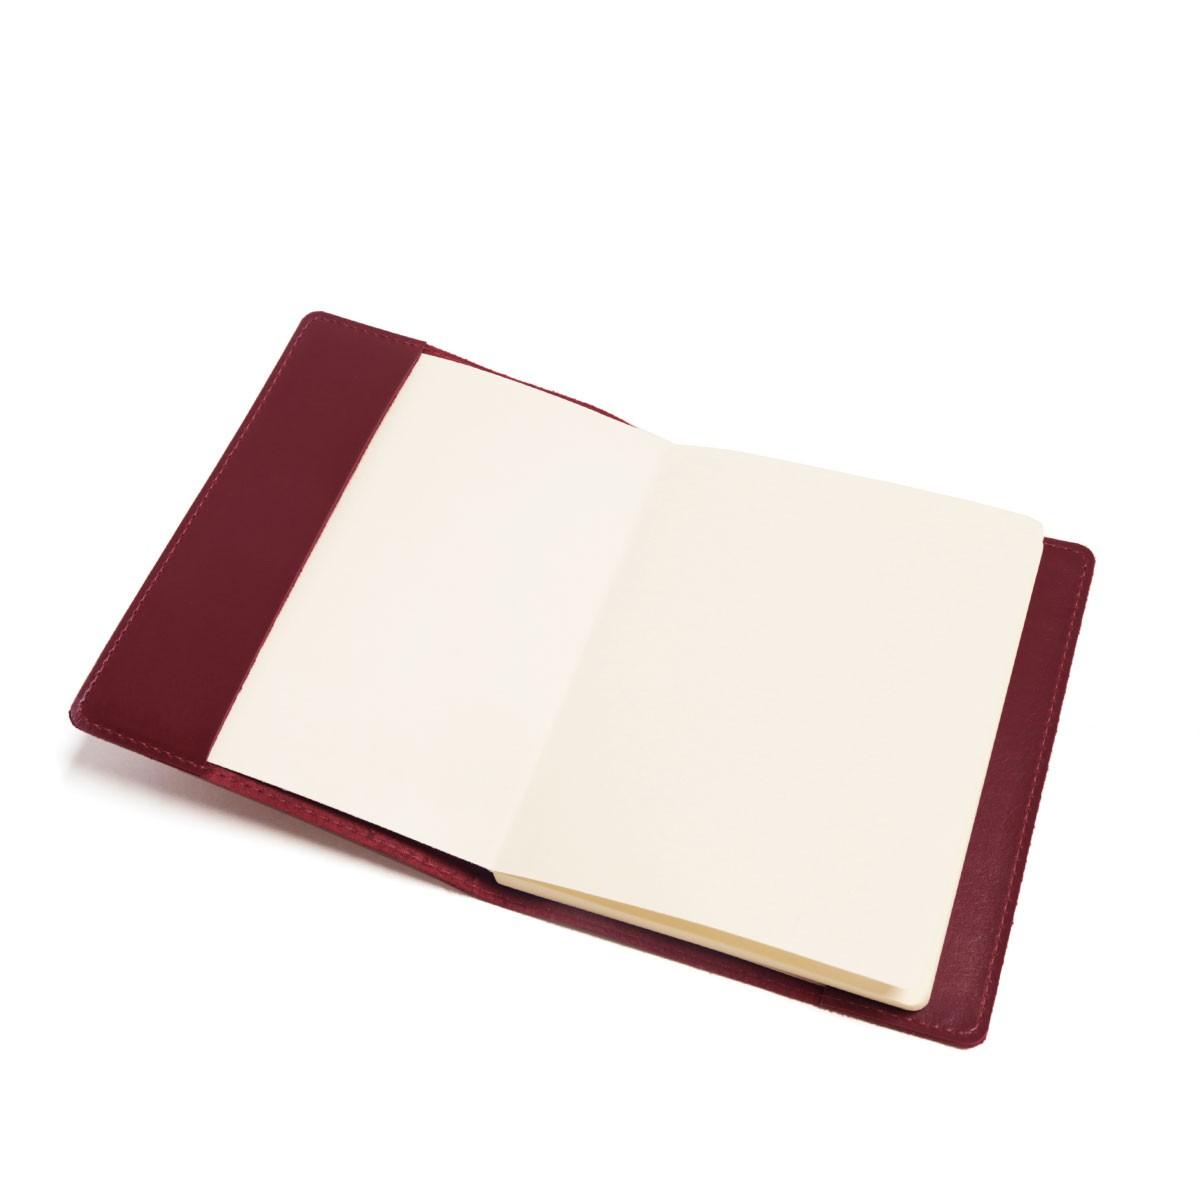 Caderno com sobrecapa (Montana Bordô)